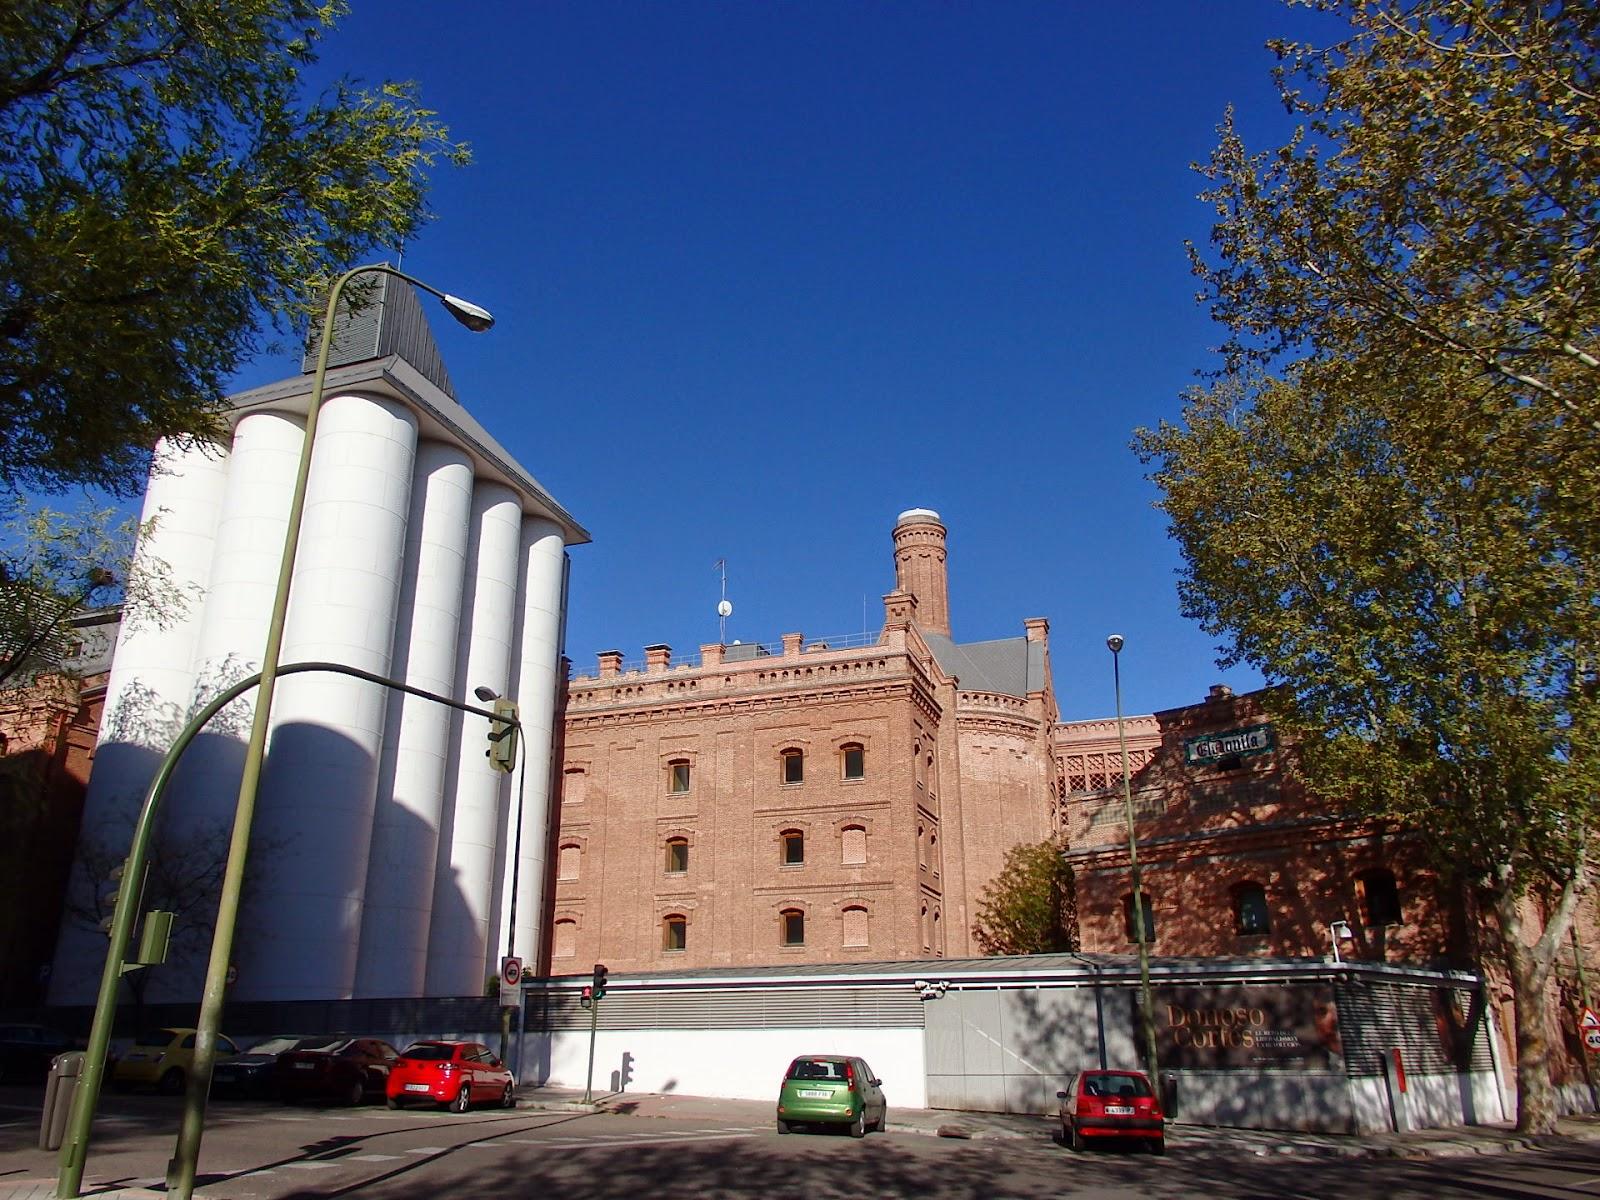 Madridmetropolis detalles de madrid chimeneas olvidadas for Fabrica de chimeneas